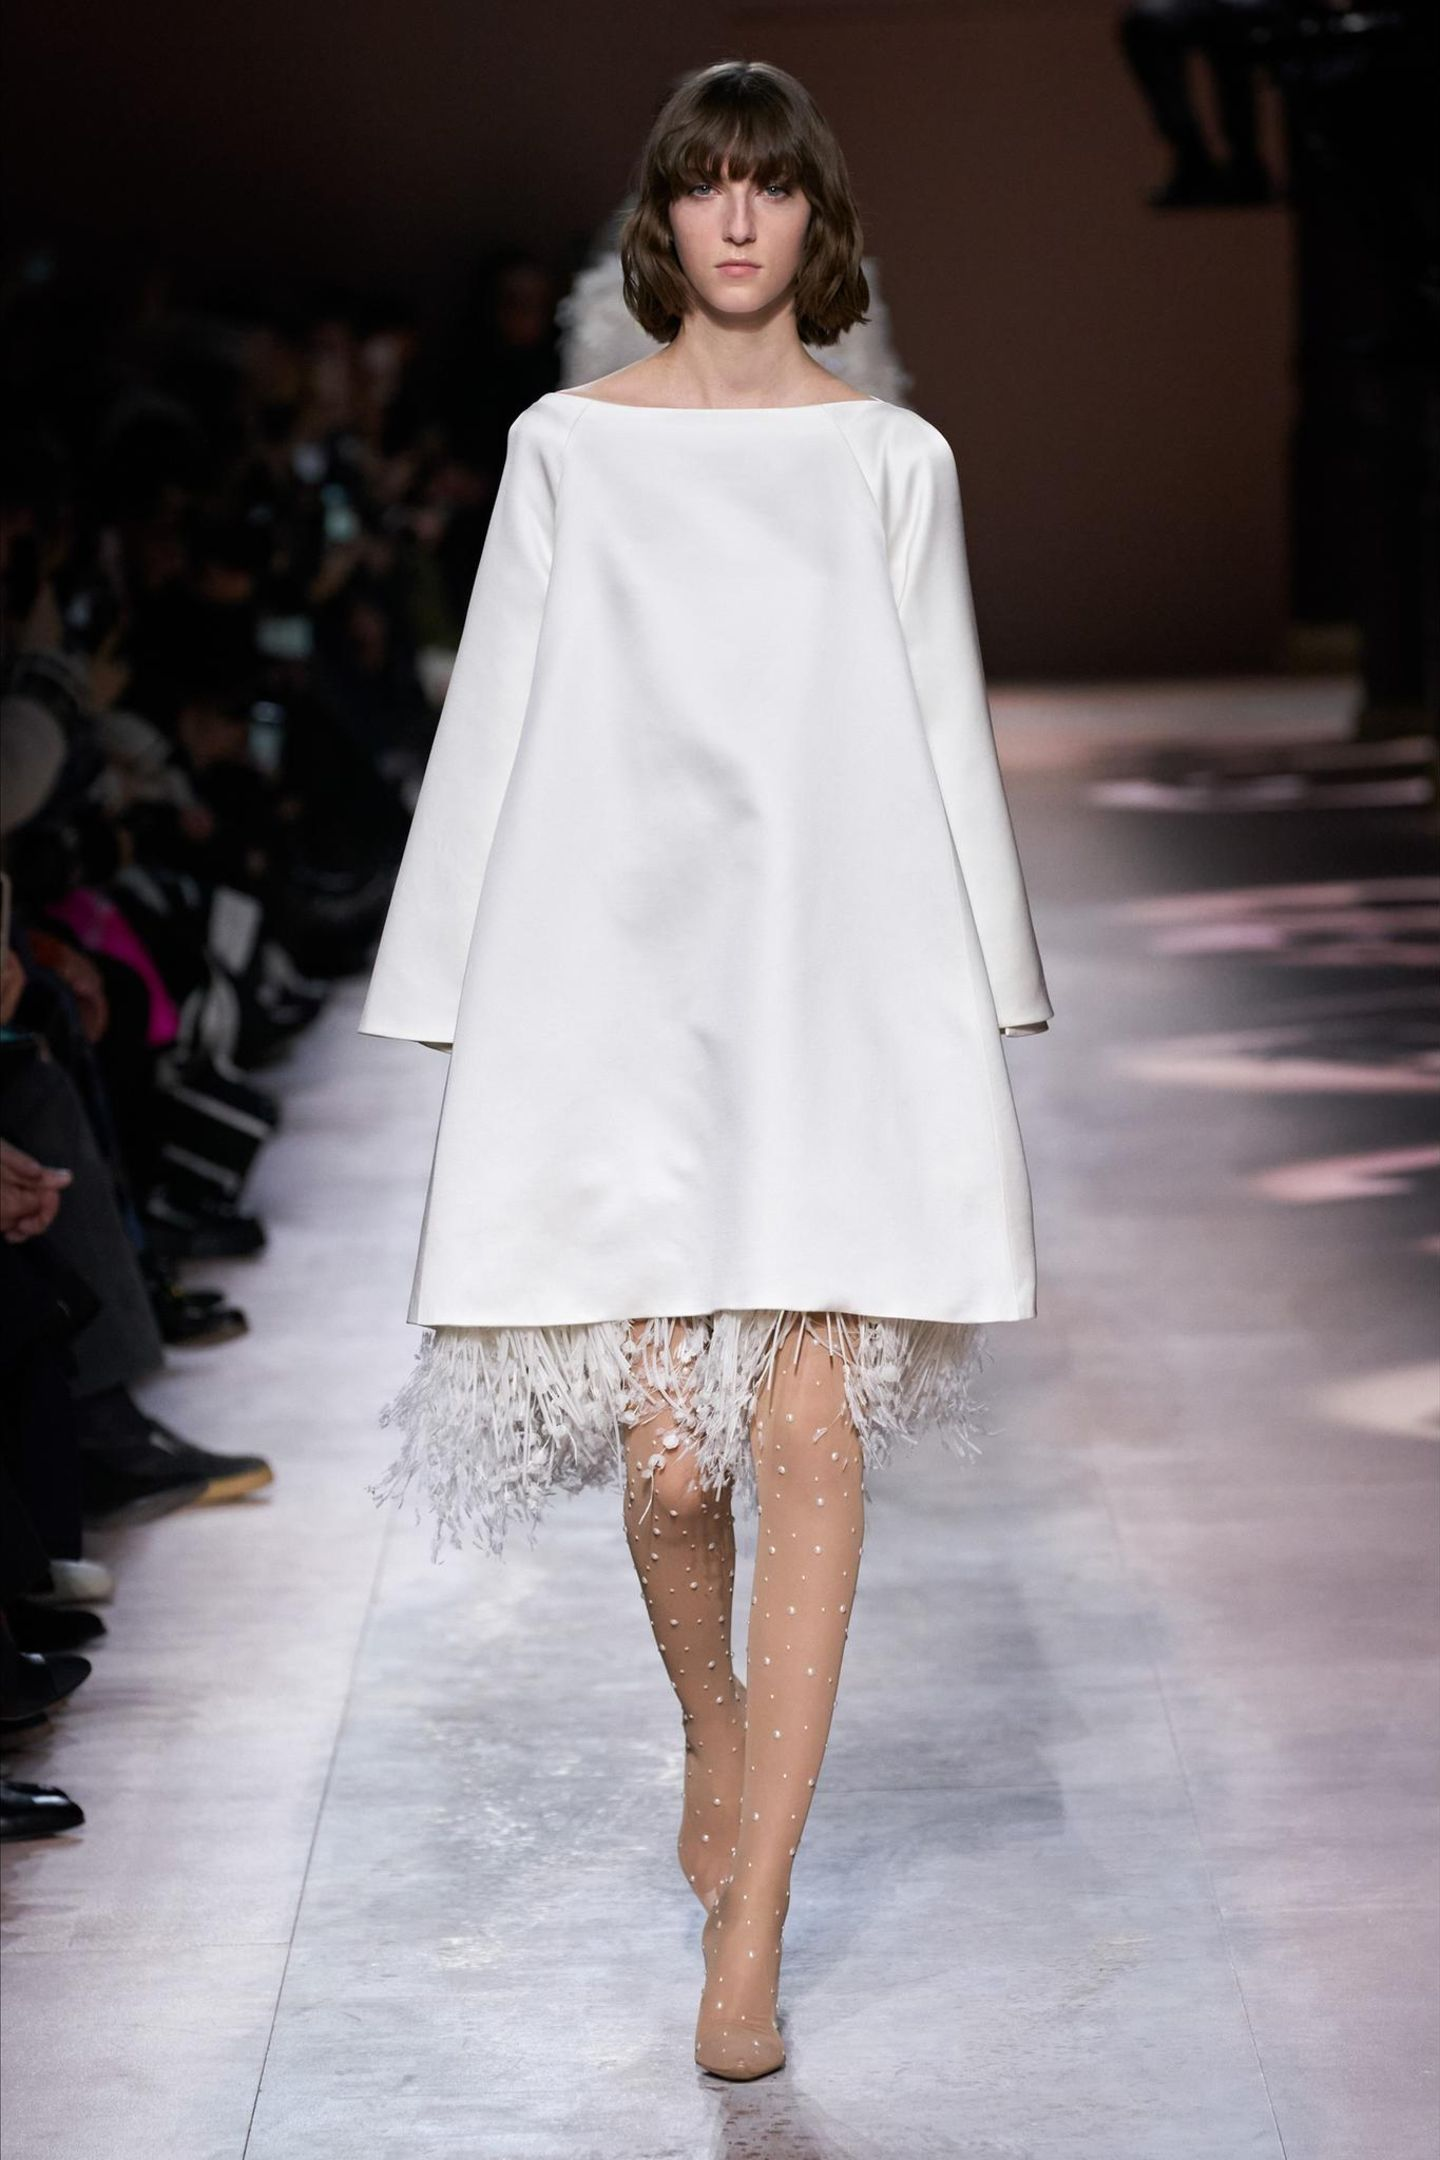 Dezenter, aber nicht weniger elegant ist diese Robe des international bekannten Modeunternehmens Givenchy. Ein wenig erinnert es an den Schnitt des Hochzeitskleids von Herzogin Meghan ...